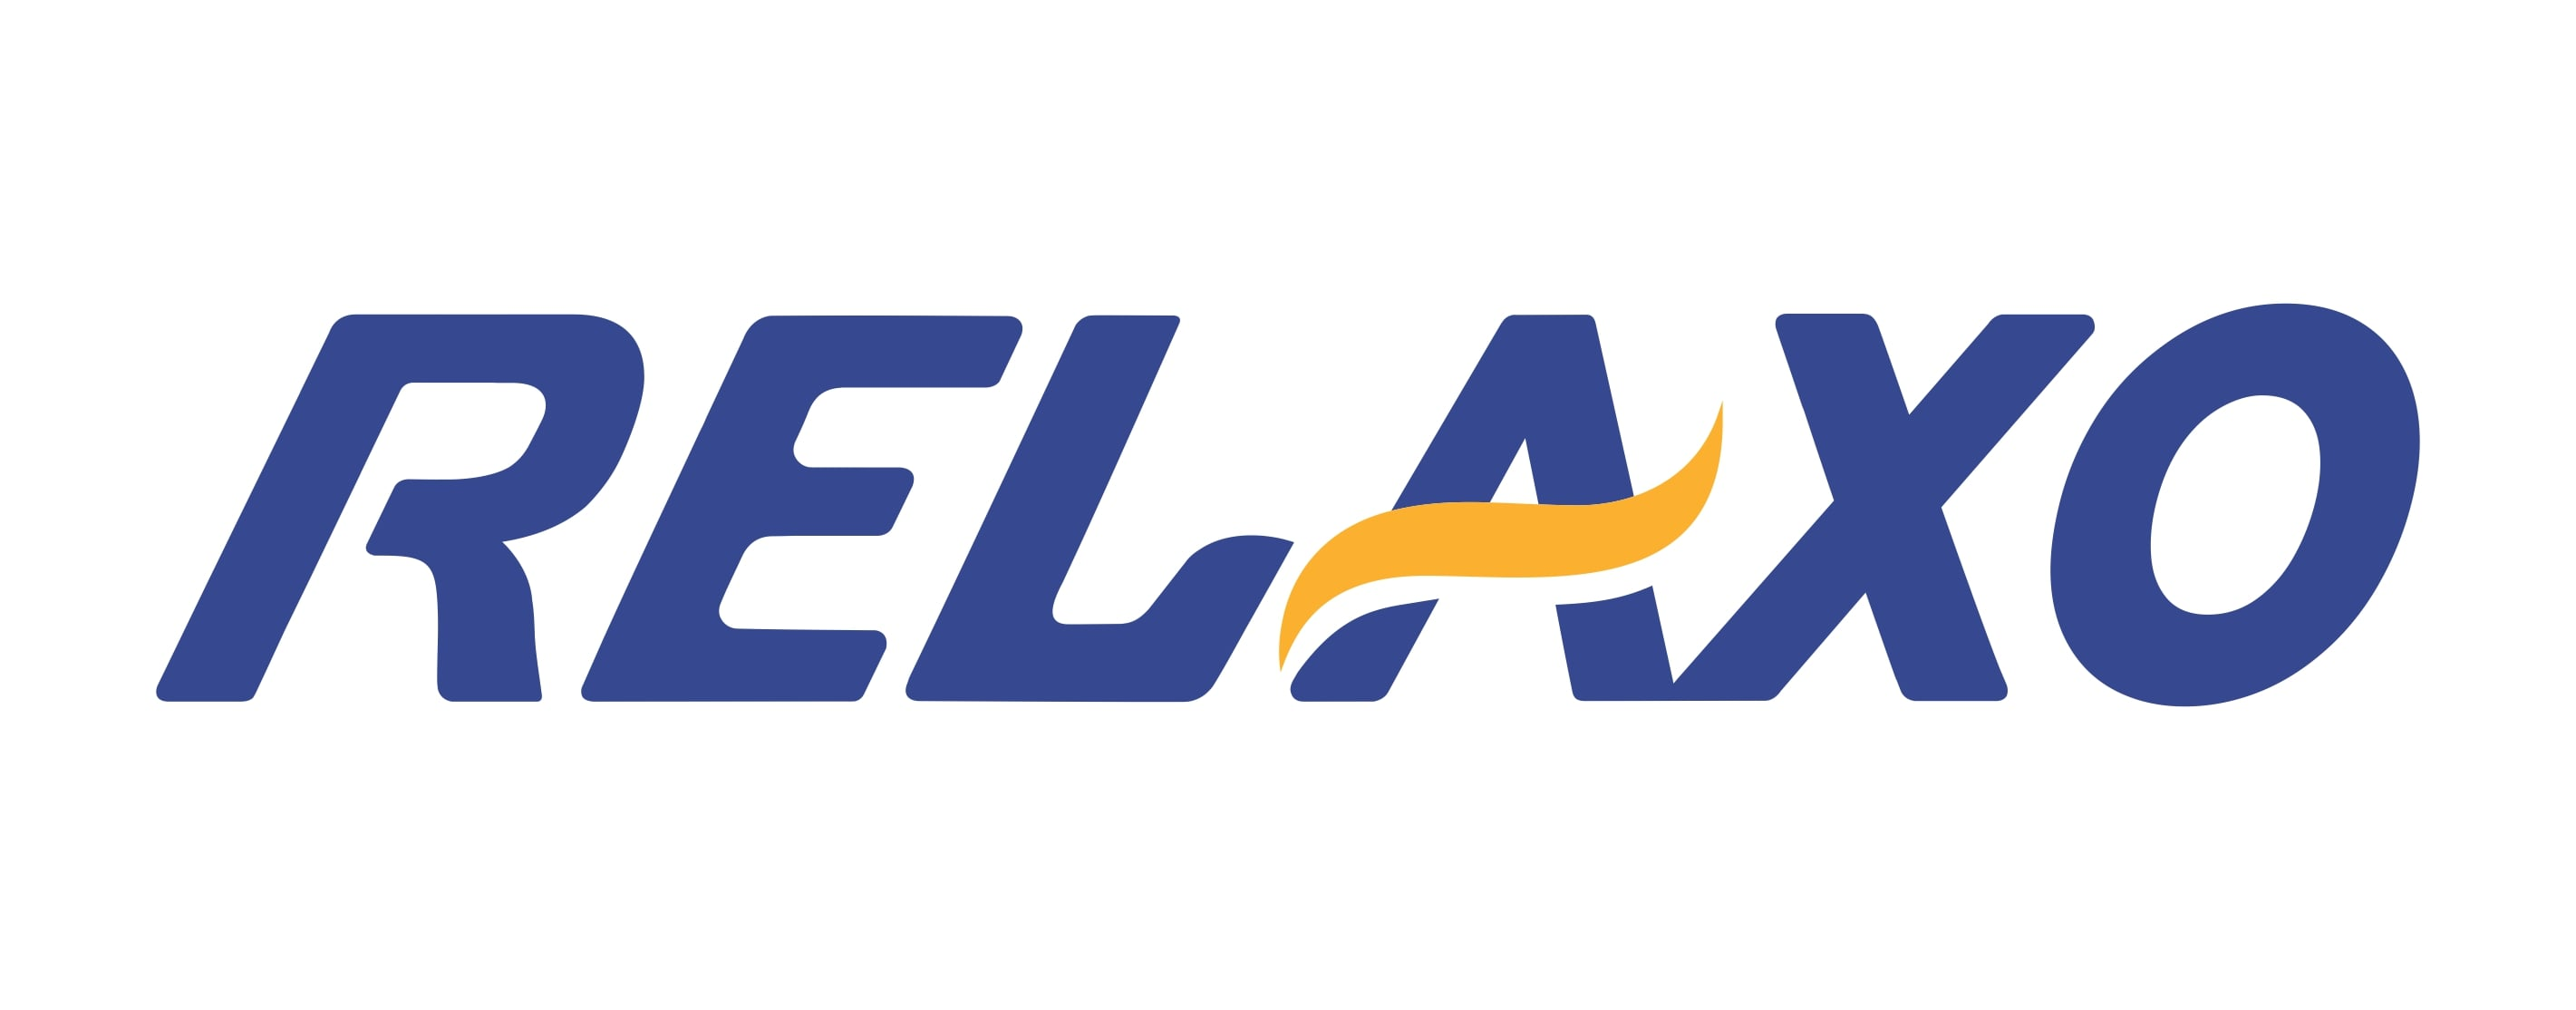 Relaxo Footwears Limited